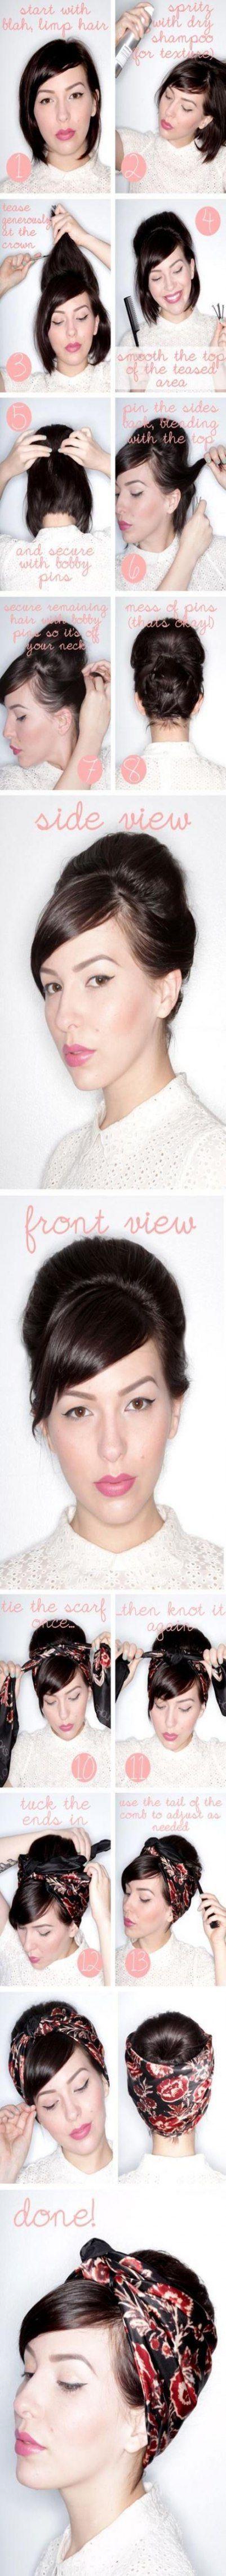 Neueste Fotos kurze lockige Frisur Vintage-Stil Schnelle fluoreszierende Stile sind n …